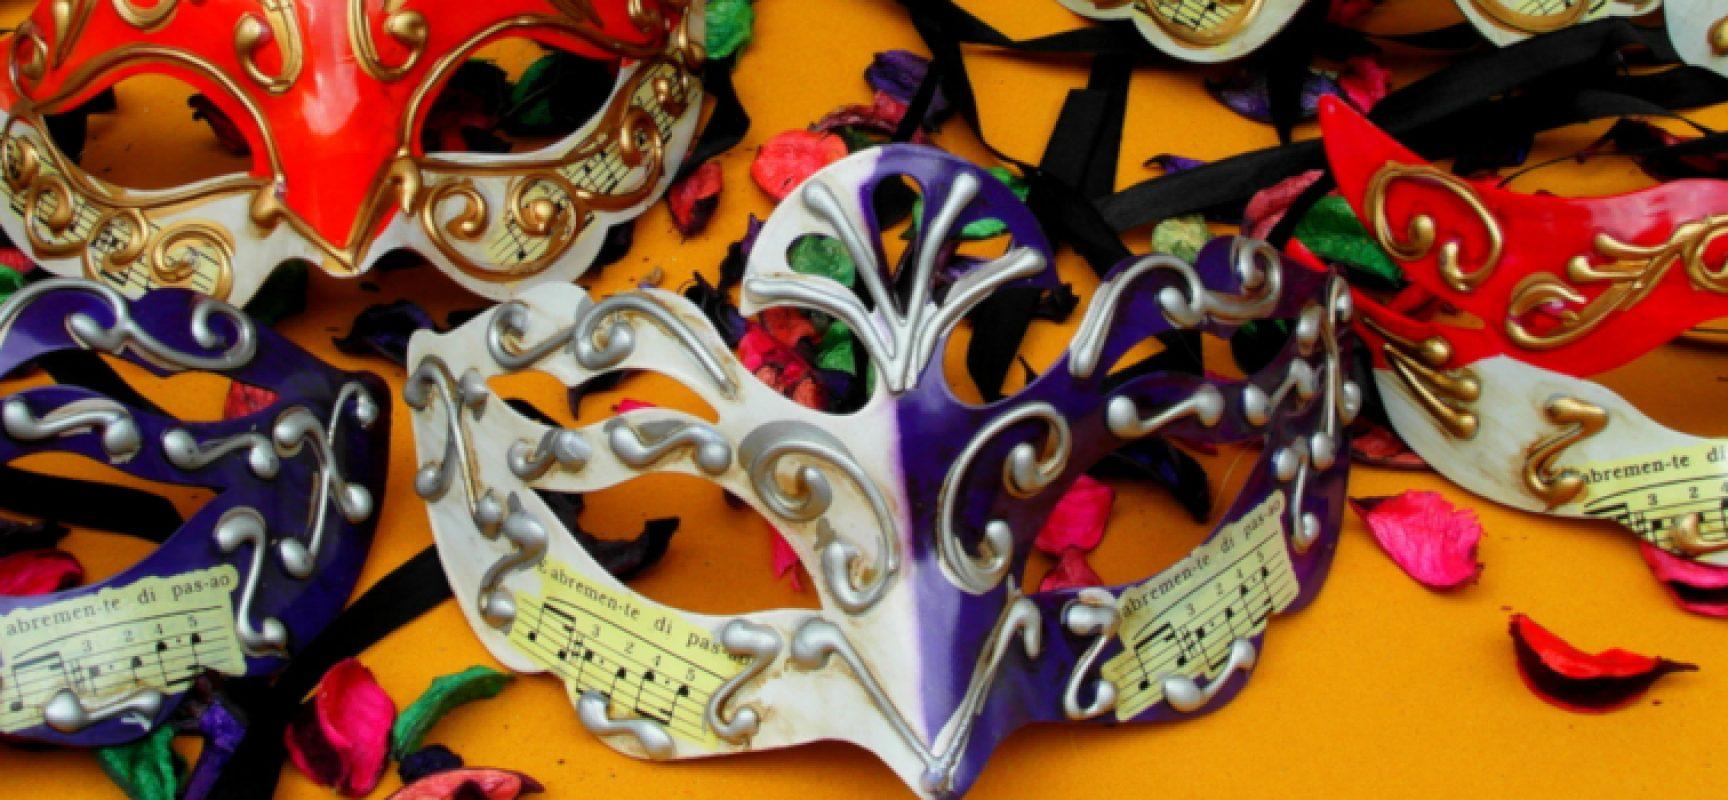 Festa in maschera per celebrare l'ultimo giorno di Carnevale tra dolciumi e comicità